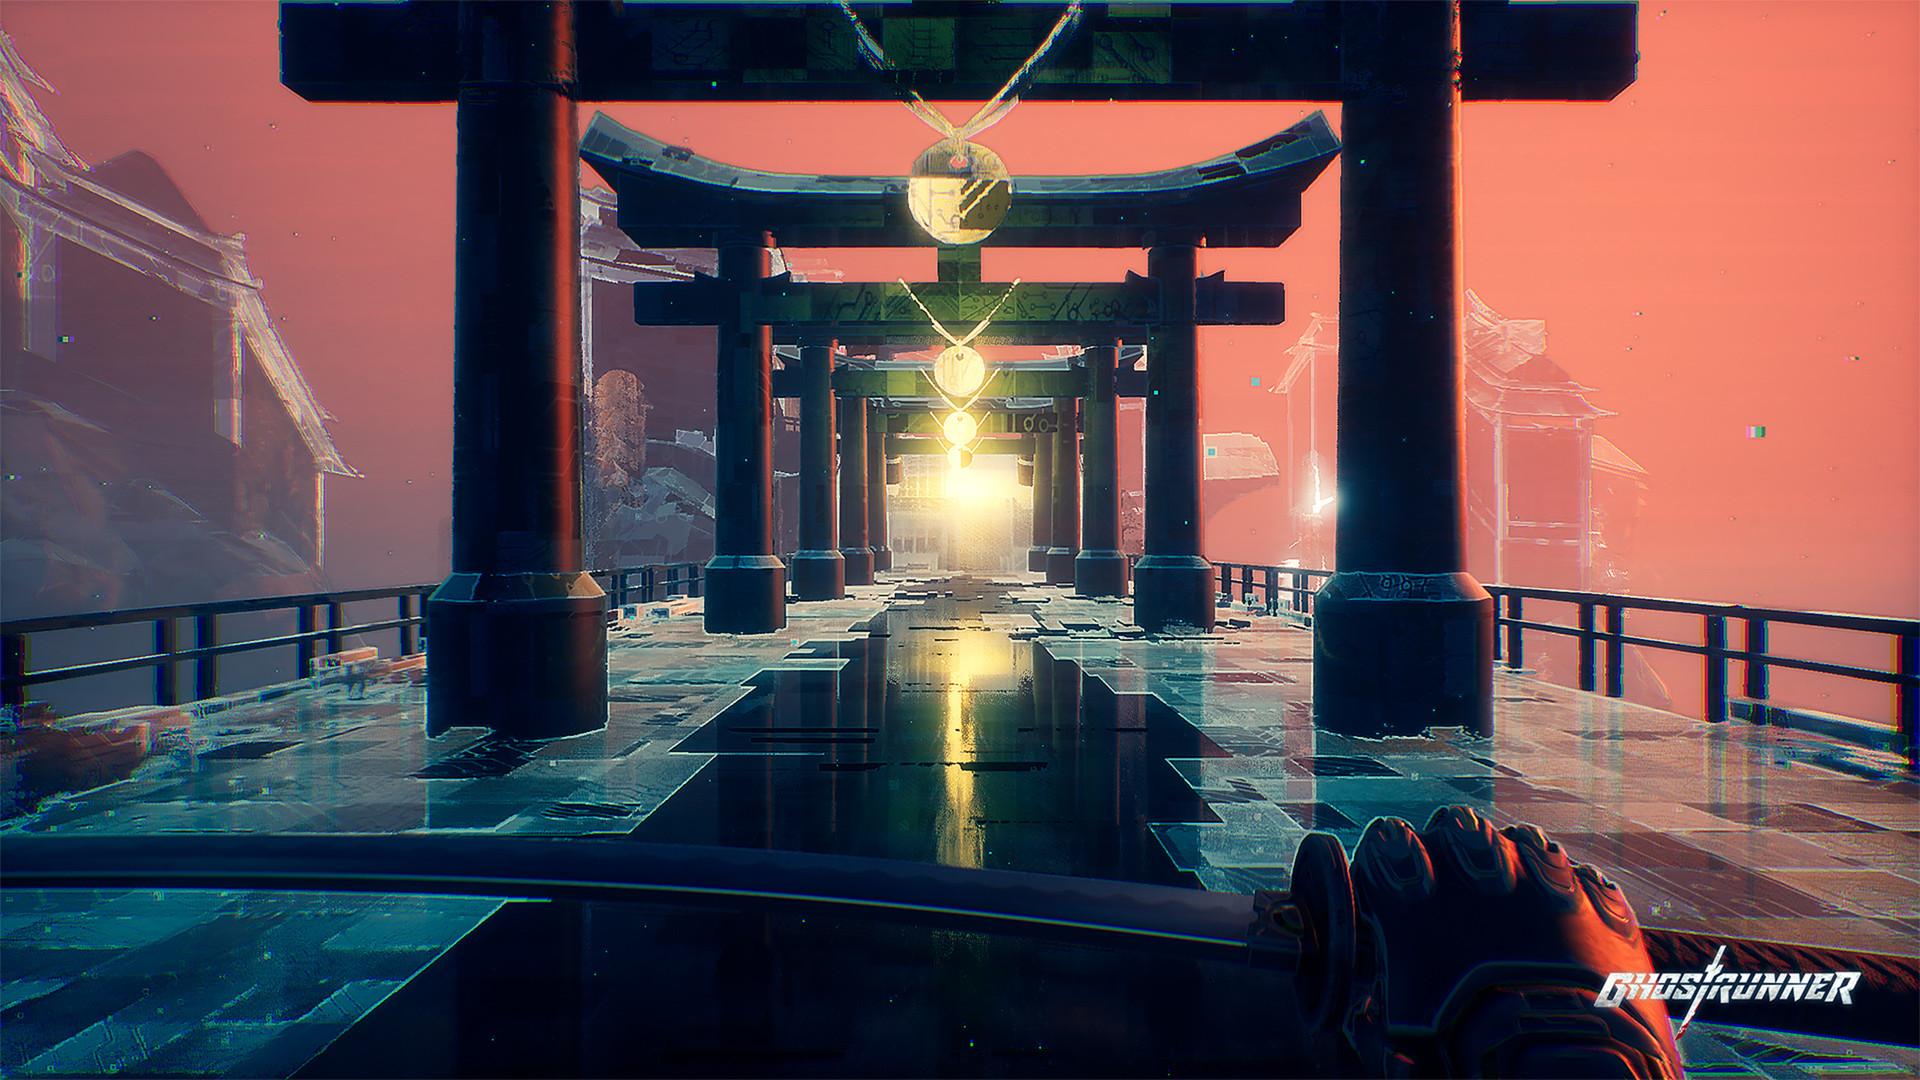 赛博朋克风动作游戏《幽灵行者》开启3天免费试玩 同步5折优惠